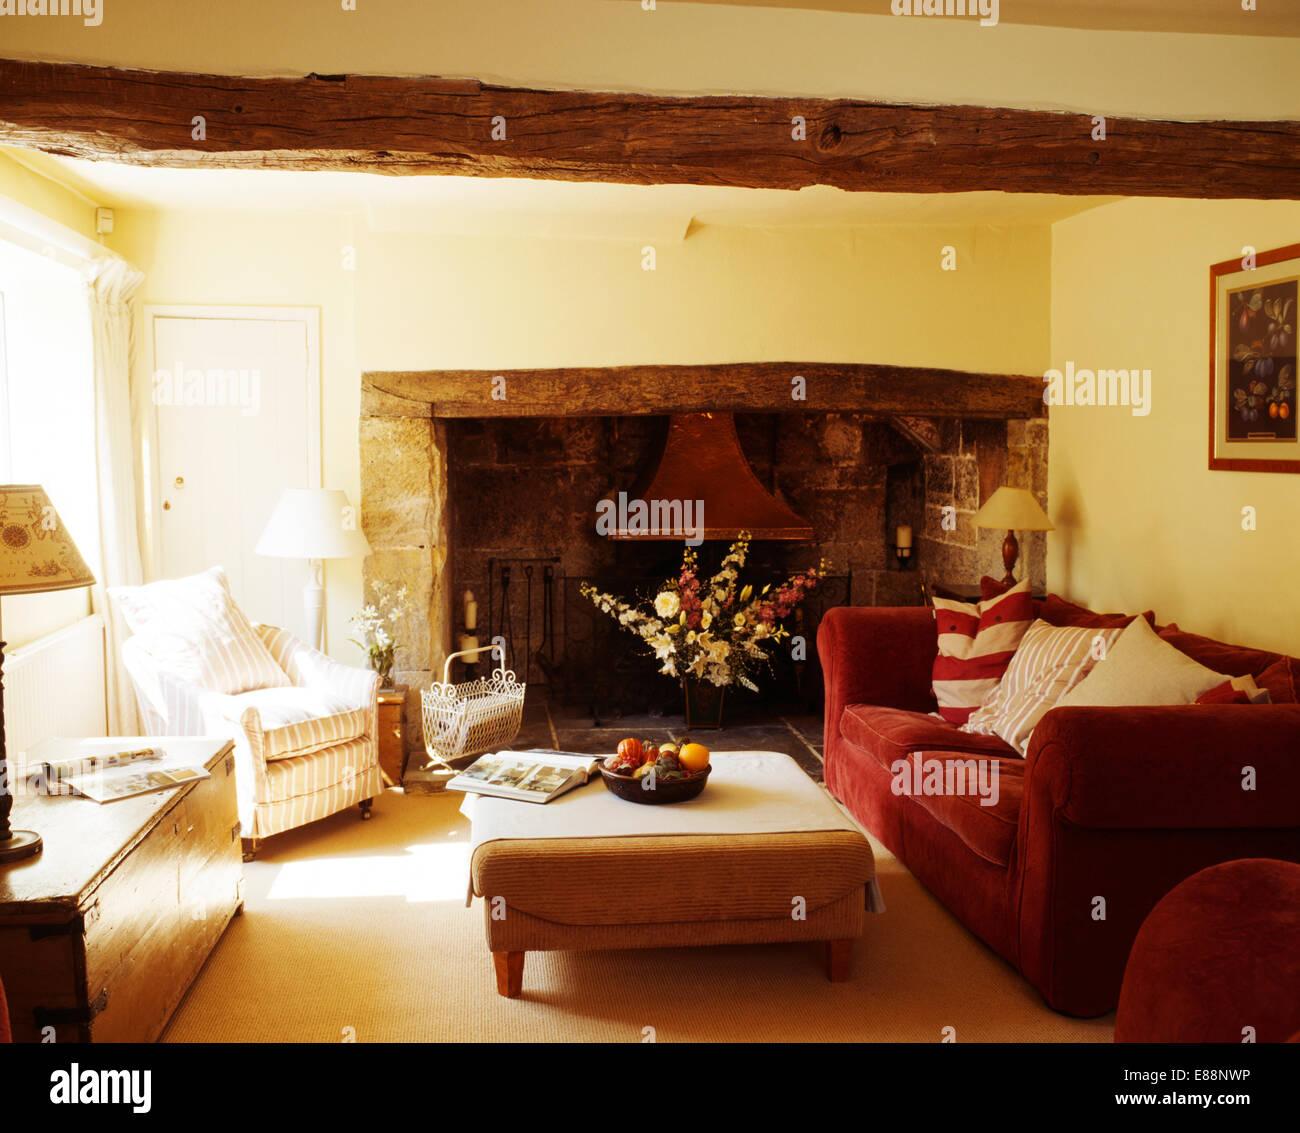 red velvet sofa. Upholstered Stool And Red Velvet Sofa In Country Living Room With Inglenook Fireplace